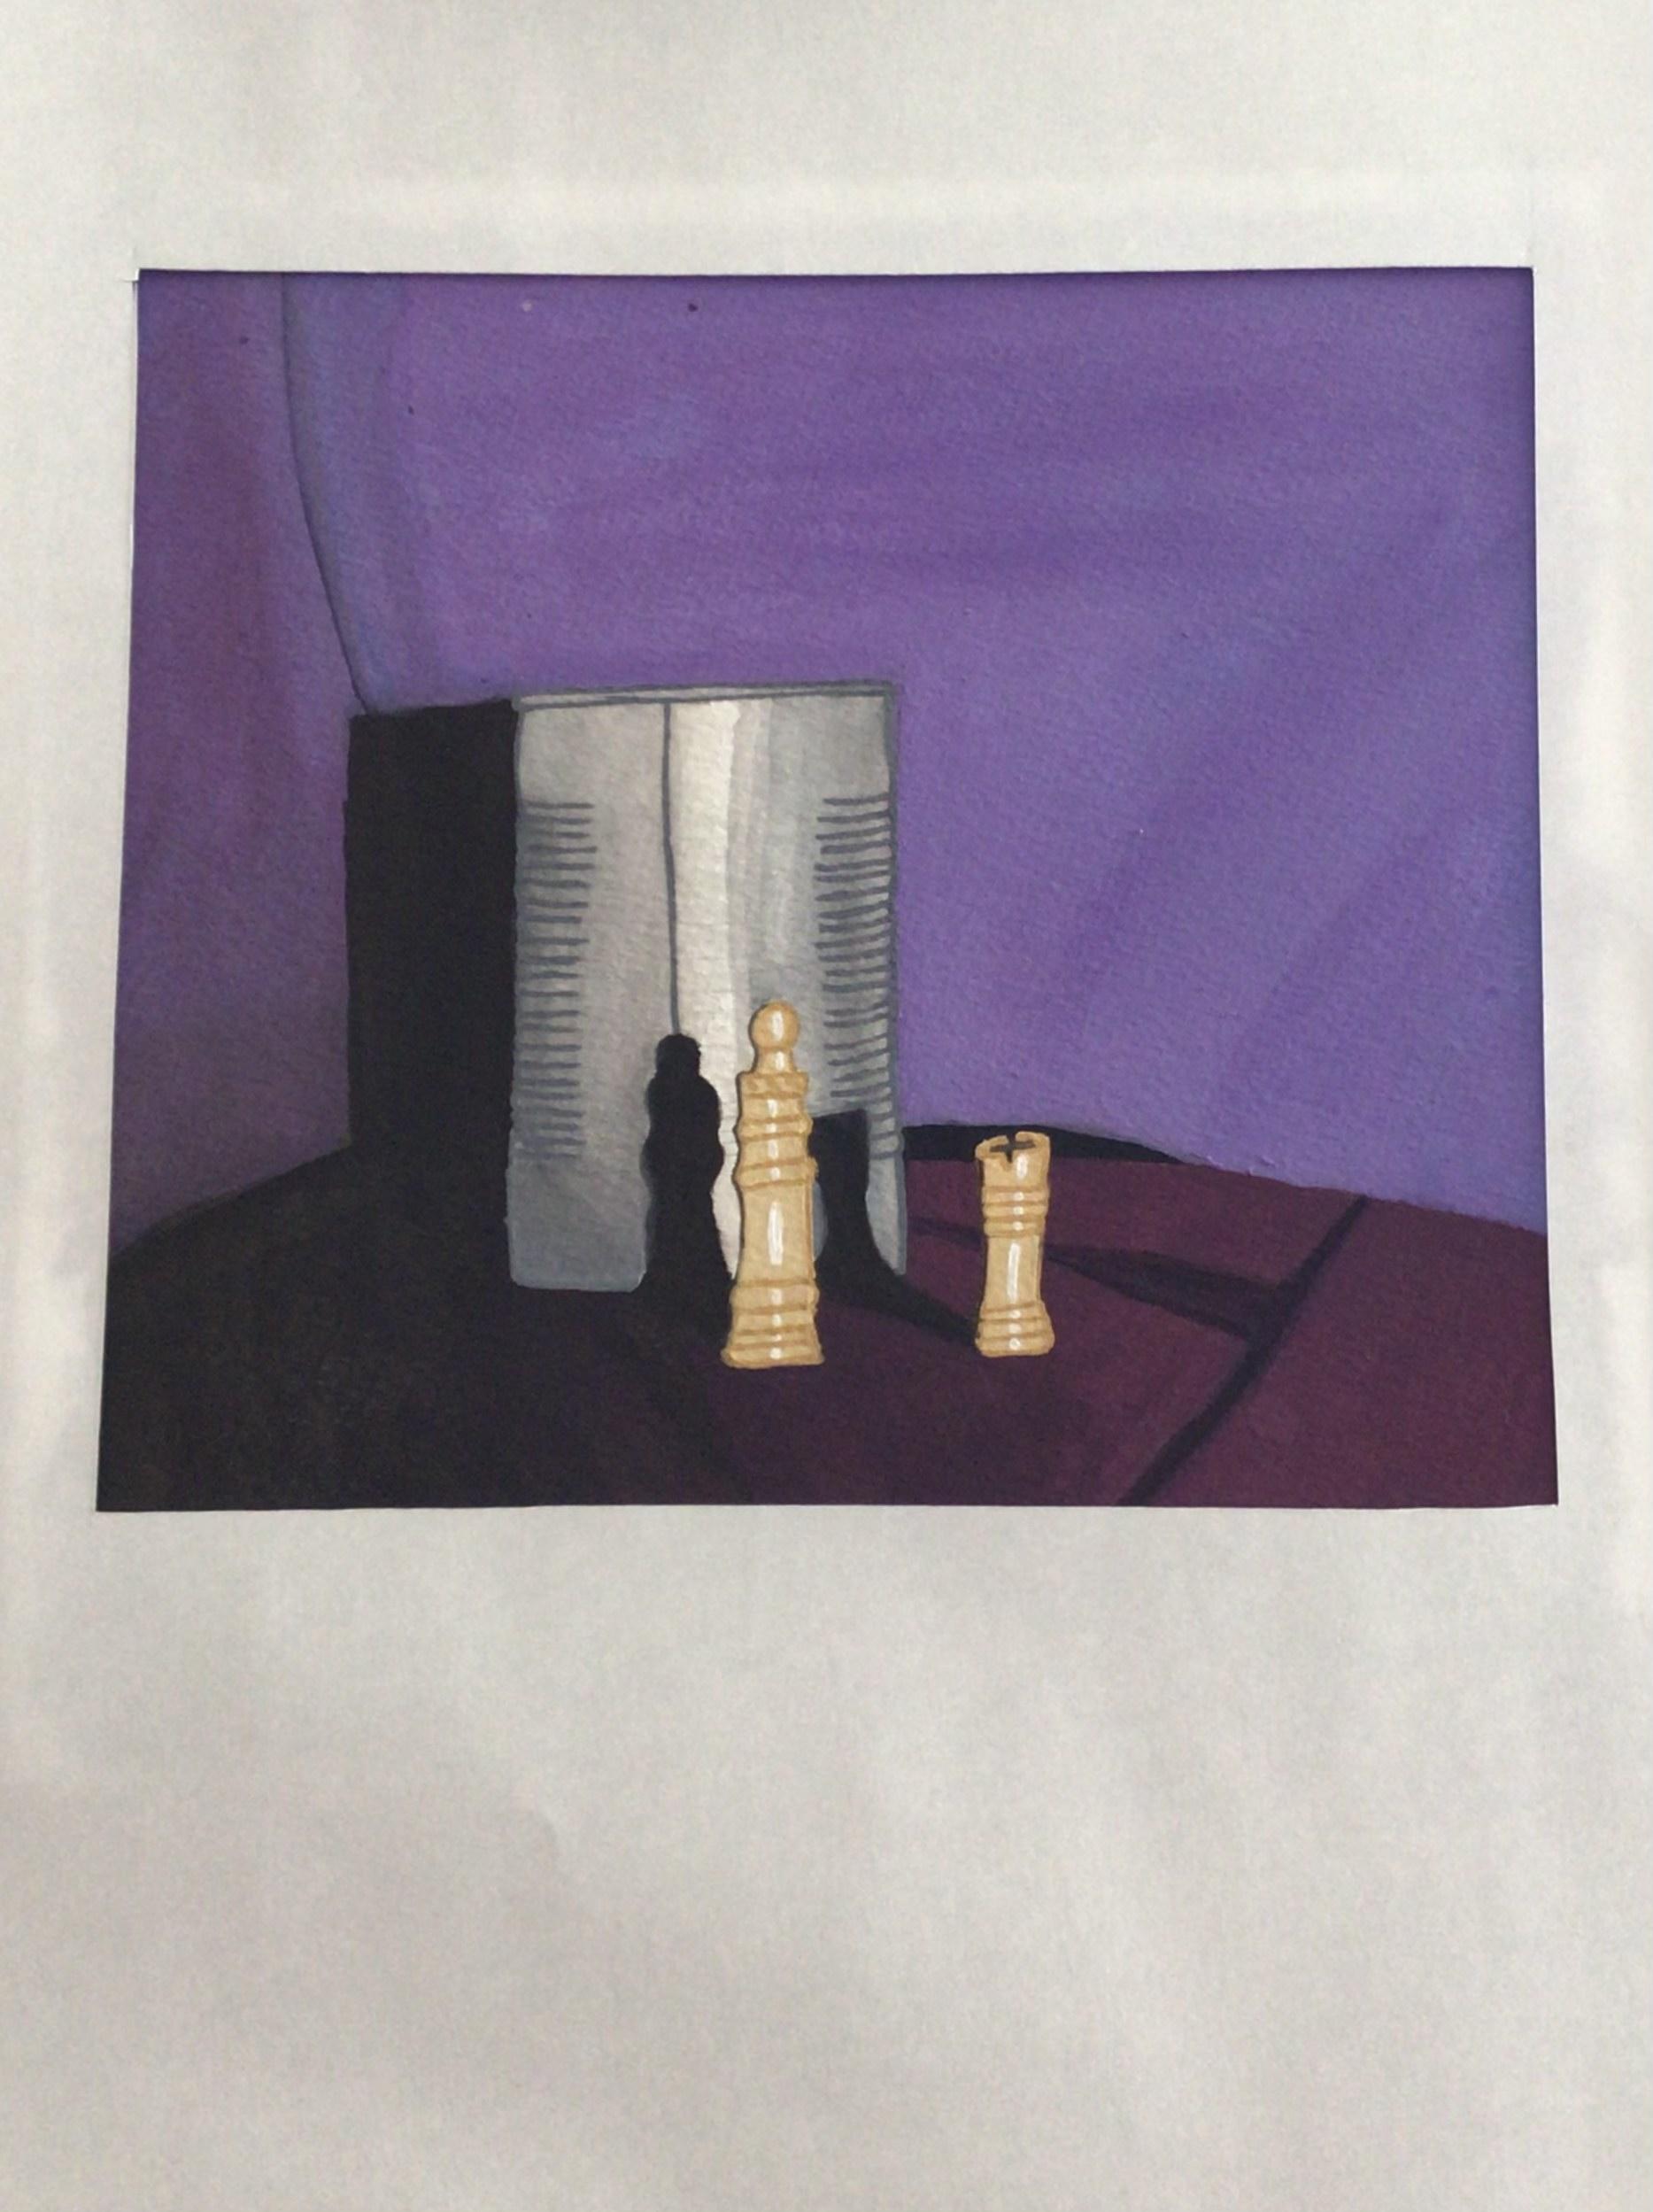 Komposition med plåtburk och två trä-färgade schackpjäser på vinrött tyg mot en blålila bakgrund. Bilden är målad med akvarell